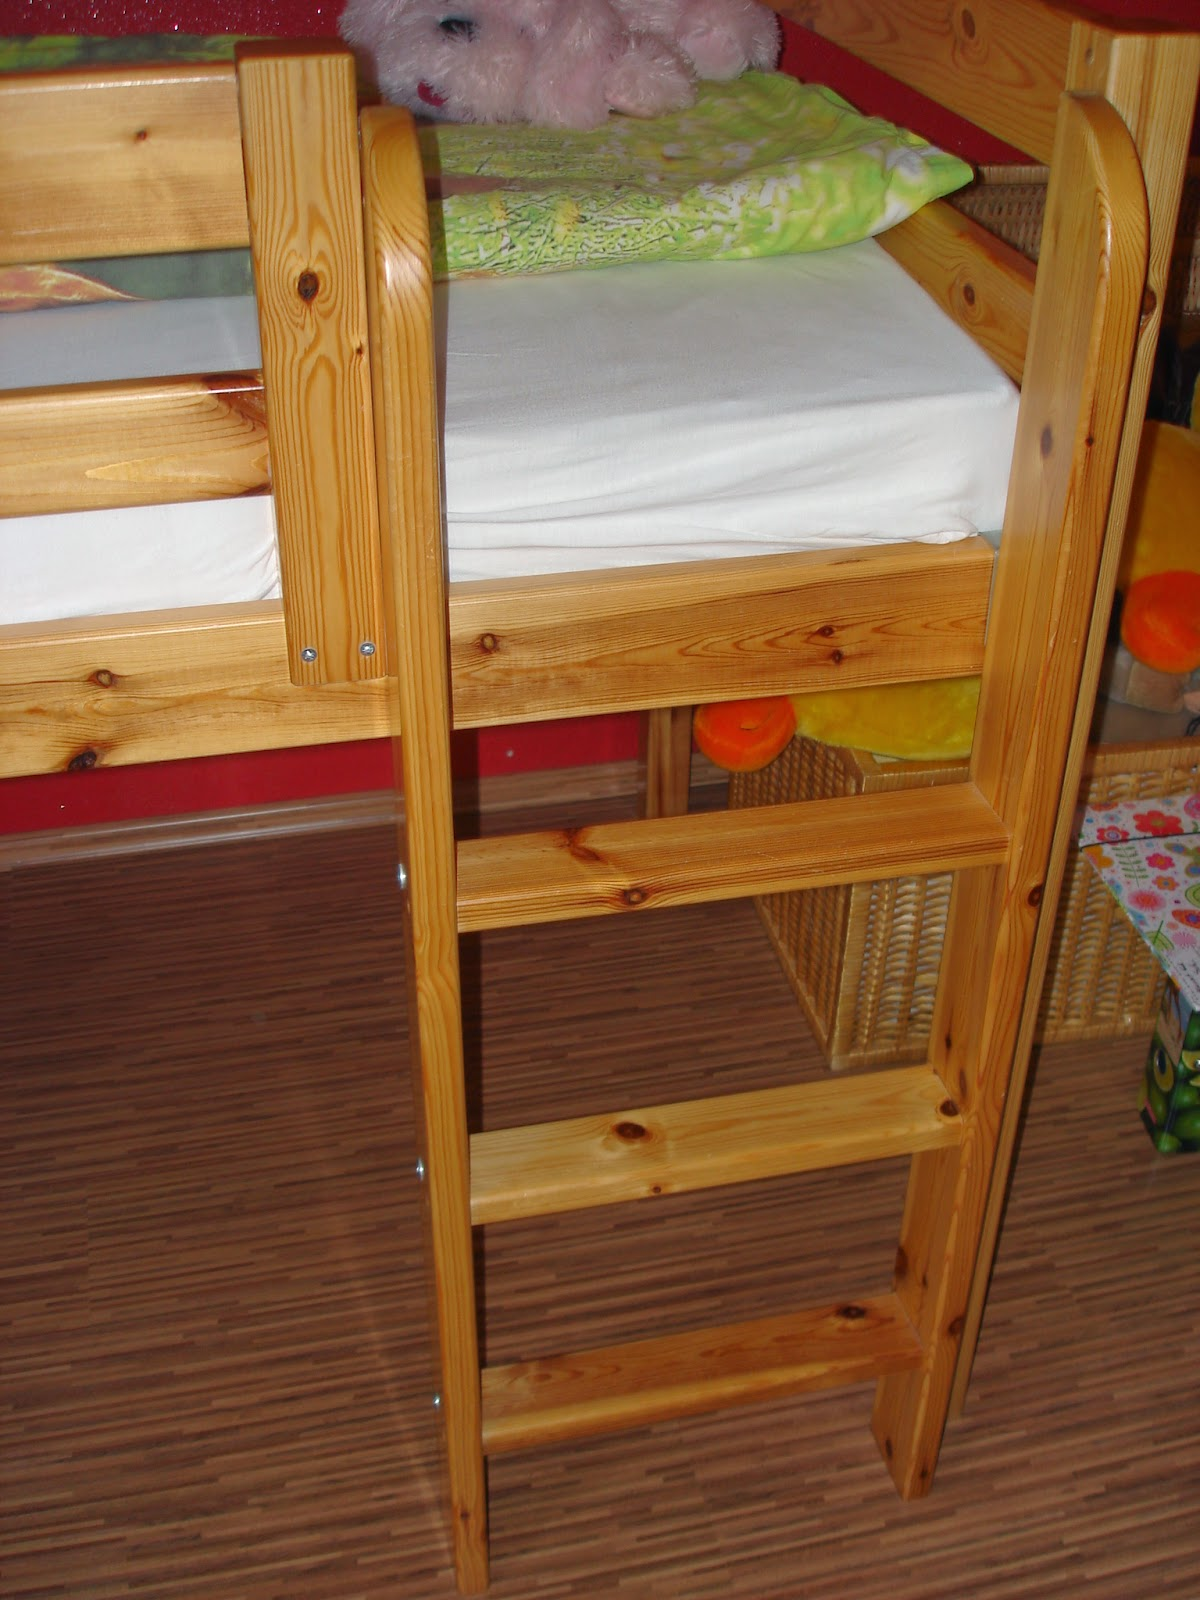 Kinderbett Bauen heimwerken diy kinderbett bauen teil 1